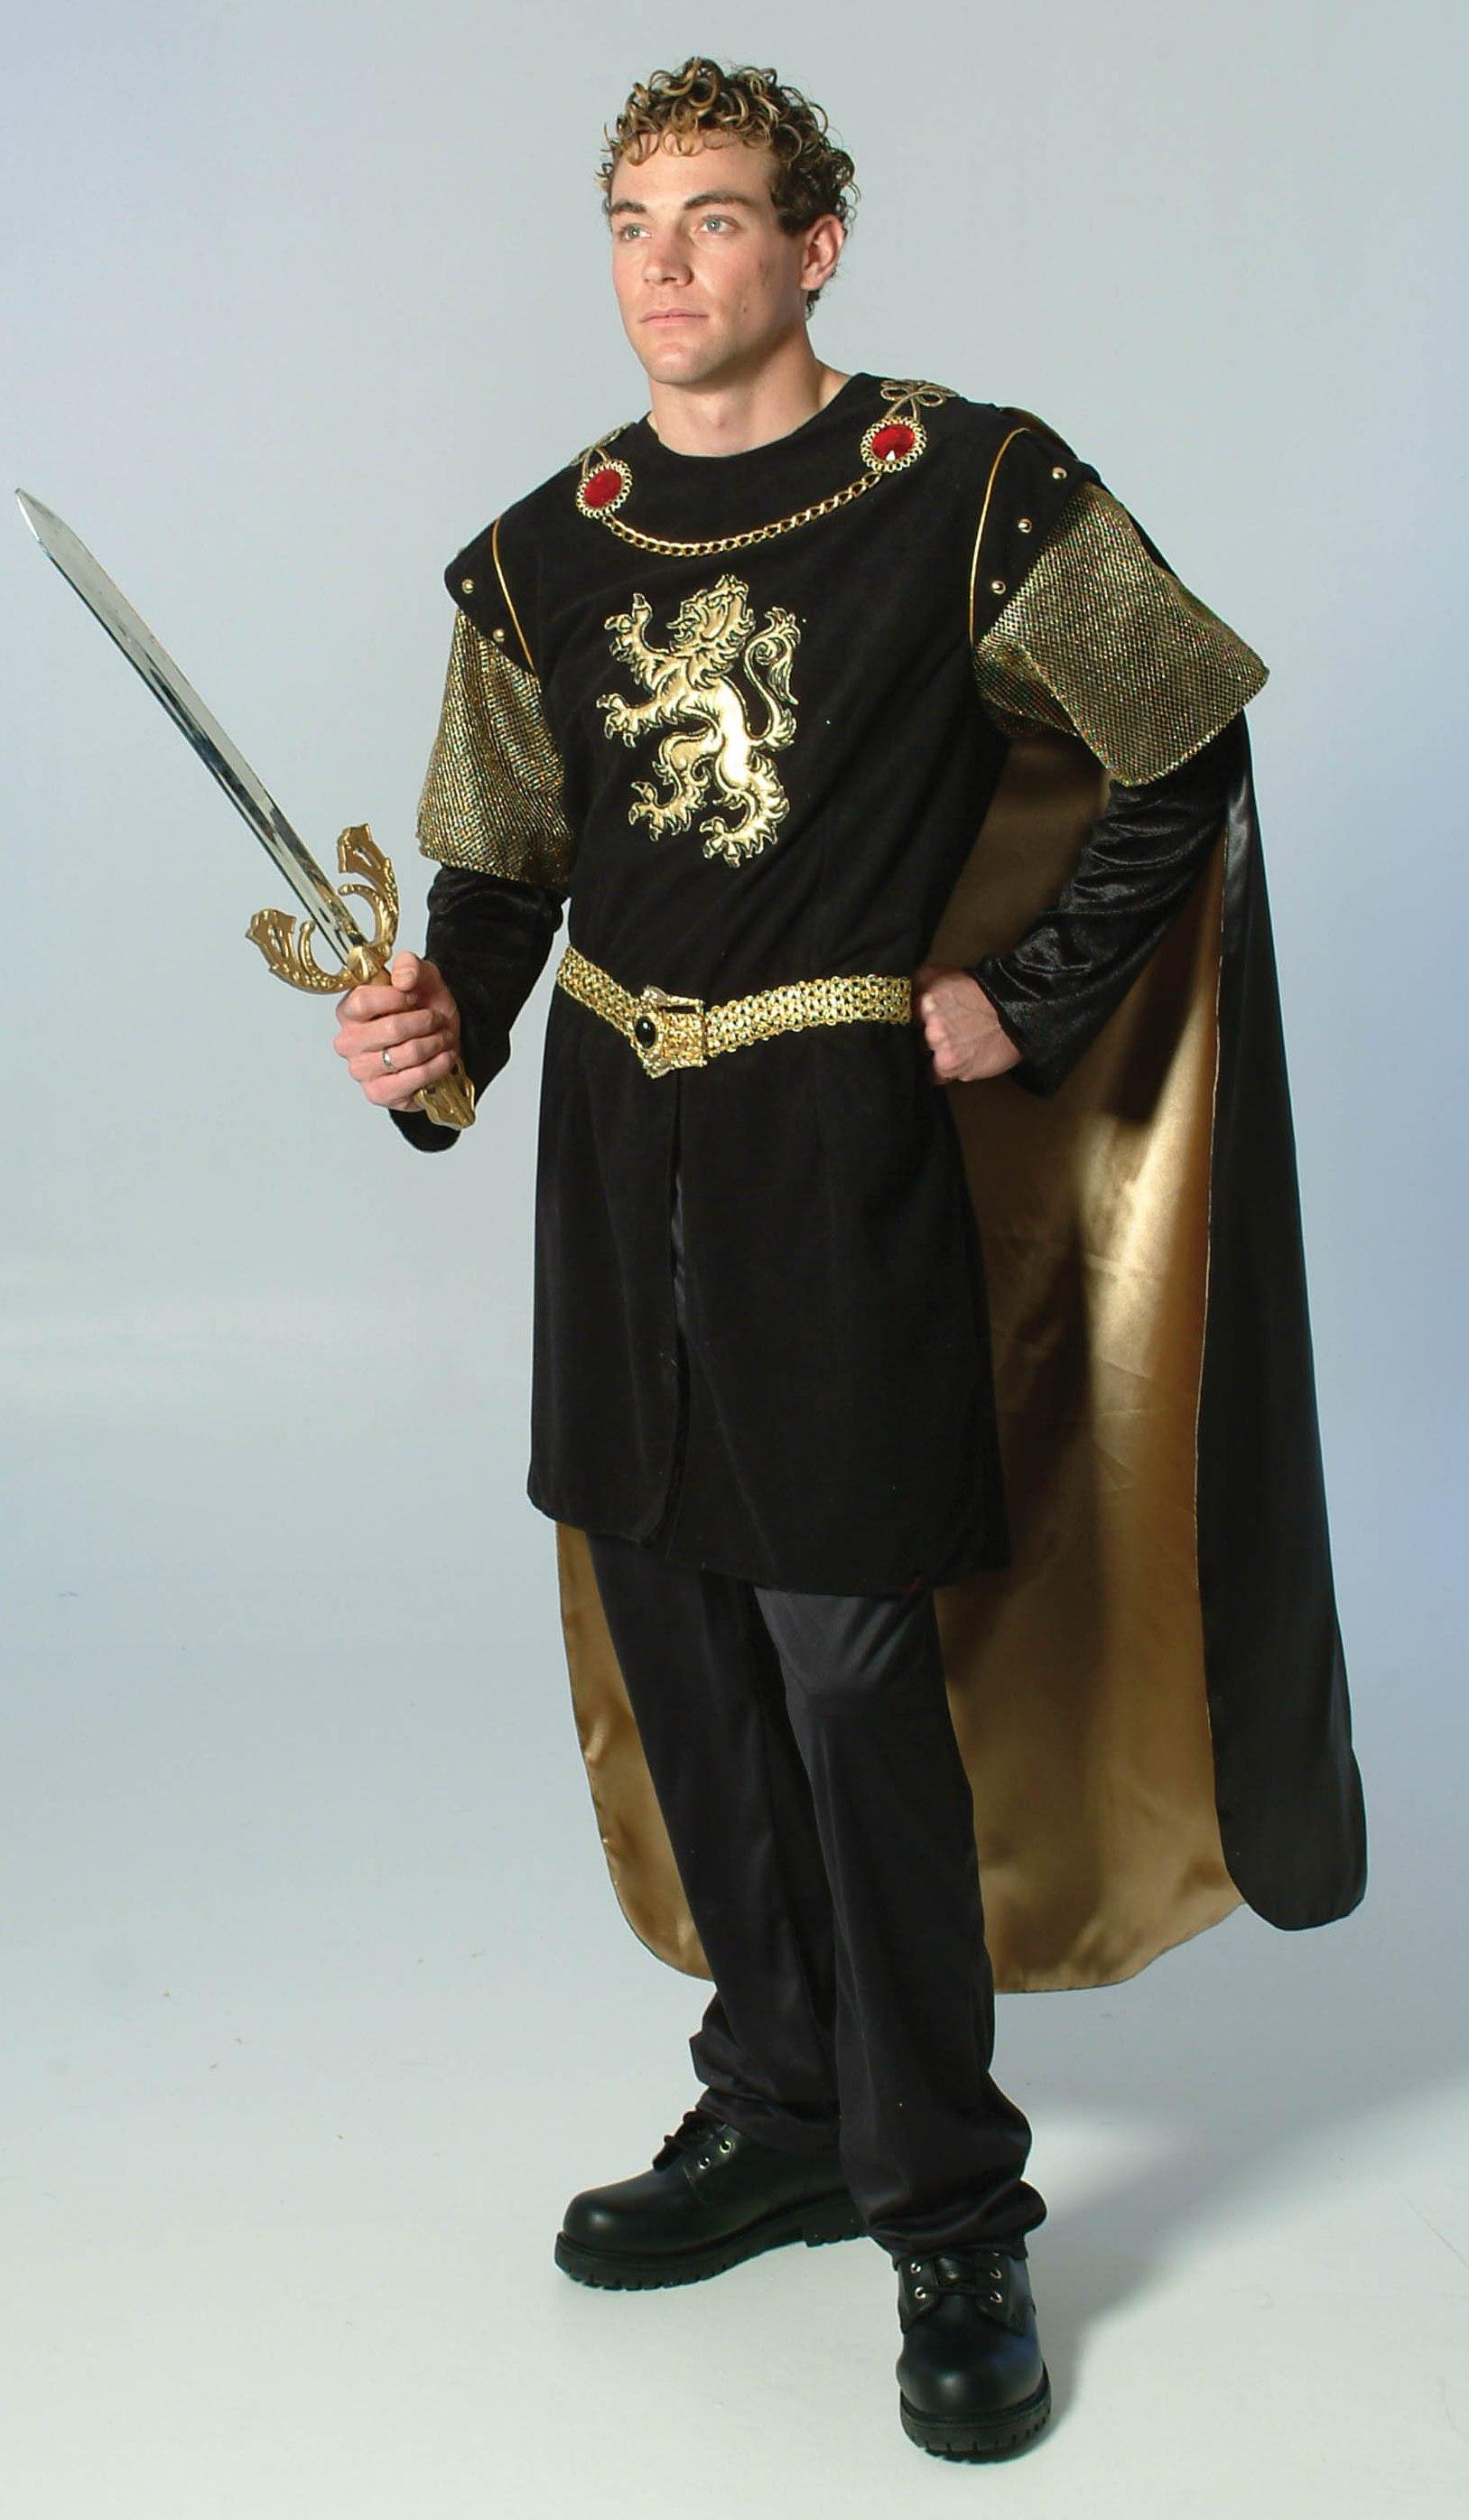 Medieval Men Costume,Renaissance Costumes,Knight,Monk,Renaissance ...